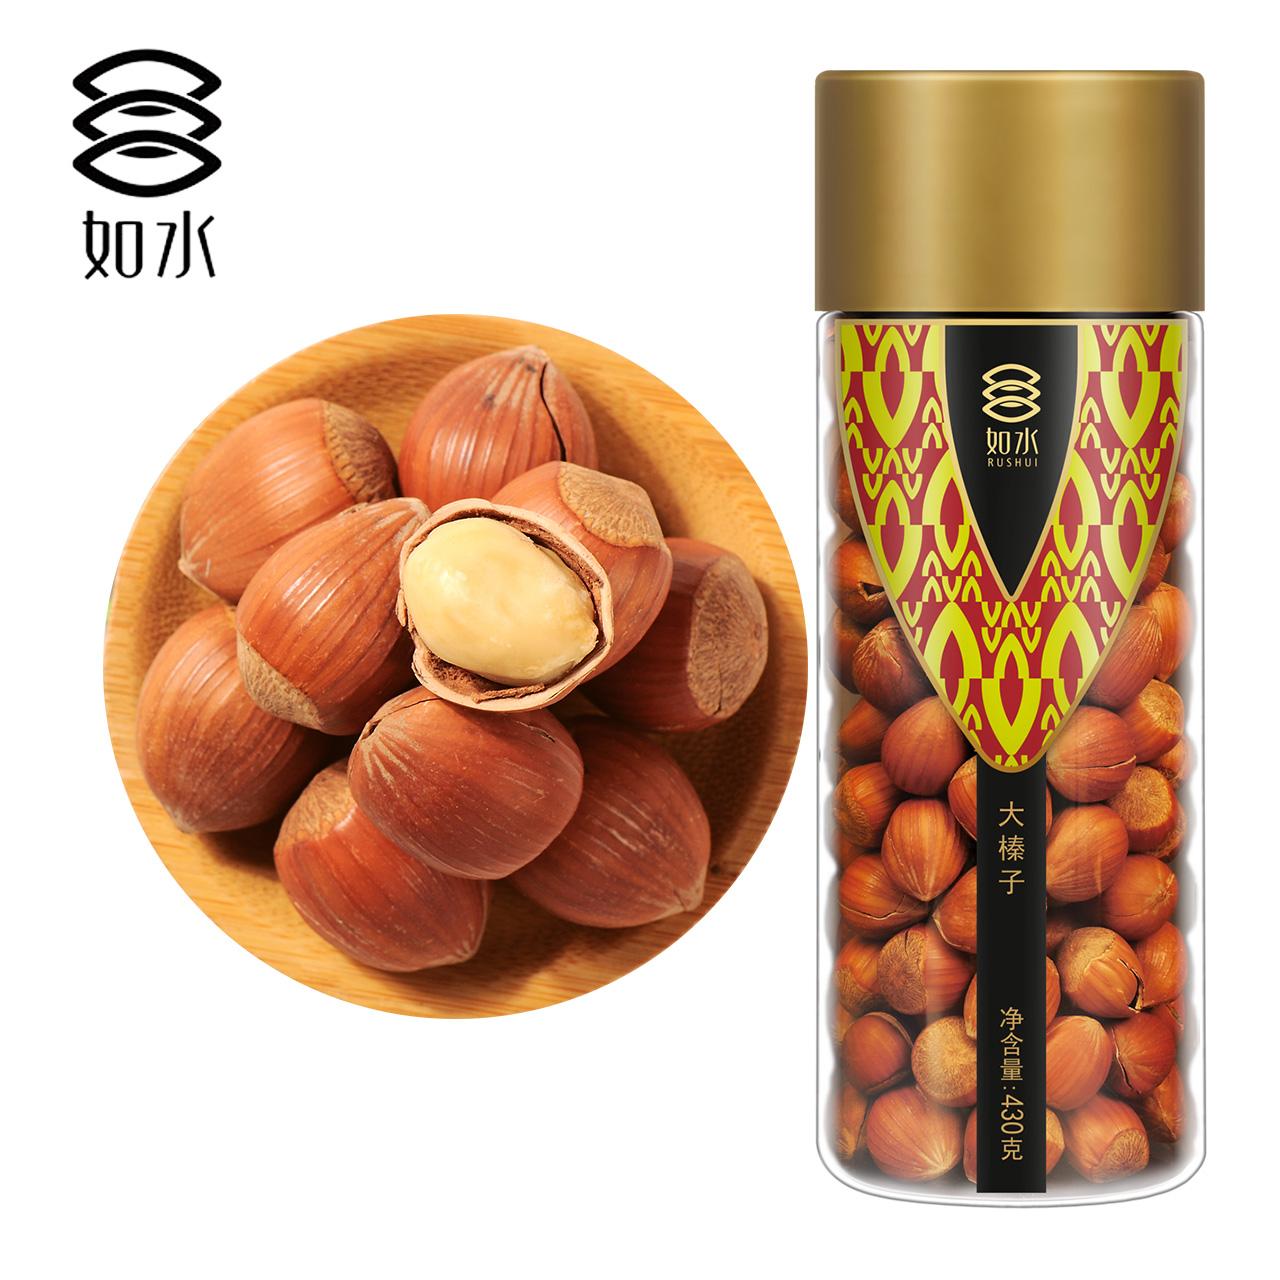 【如水大榛子430g/桶】东北大榛子零食坚果特产炒货年货干果